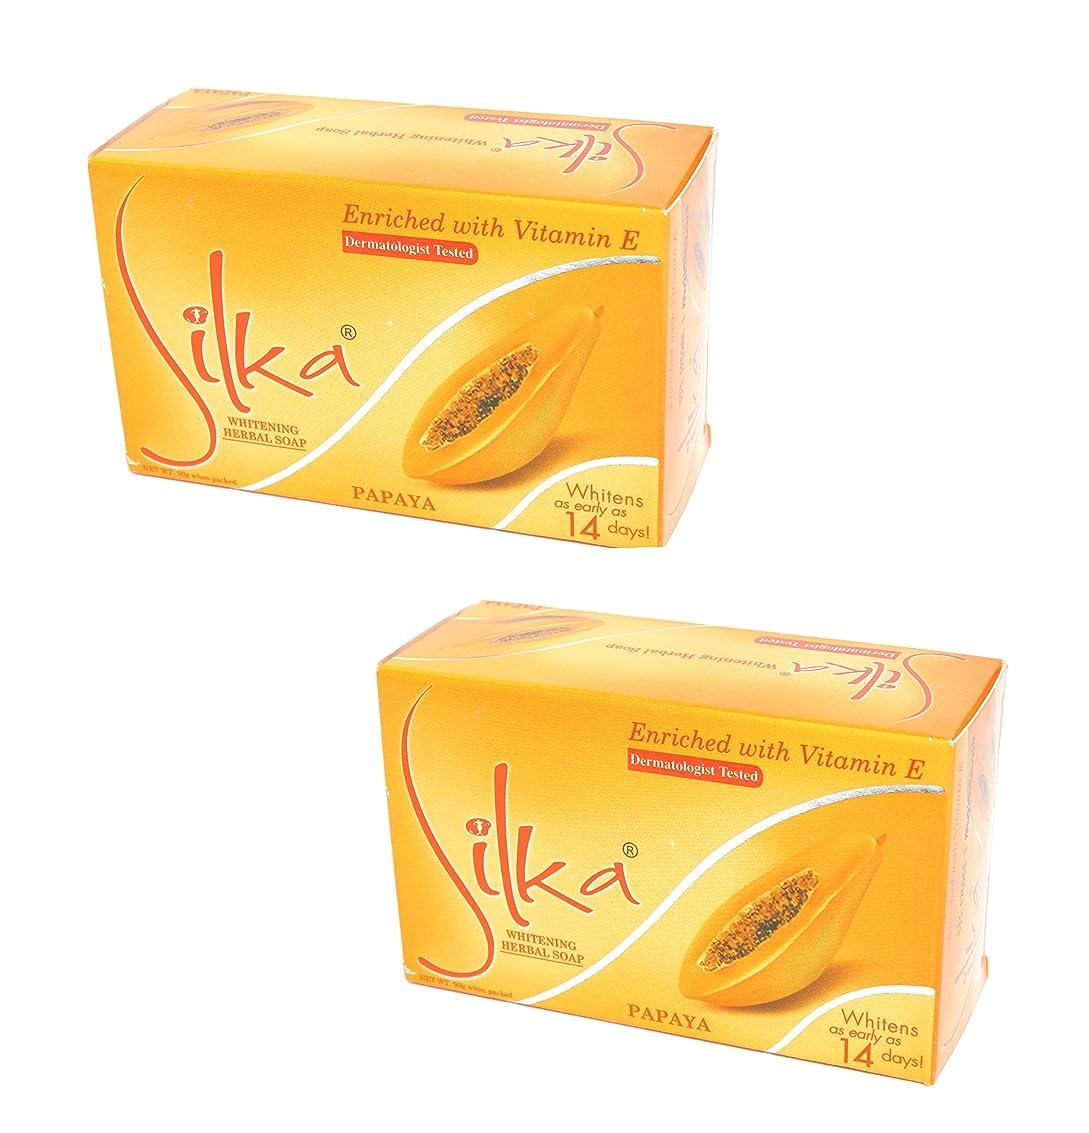 テロ謝る紳士気取りの、きざな90g×2個セット シルカ パパイヤソープ Silka papaya soap